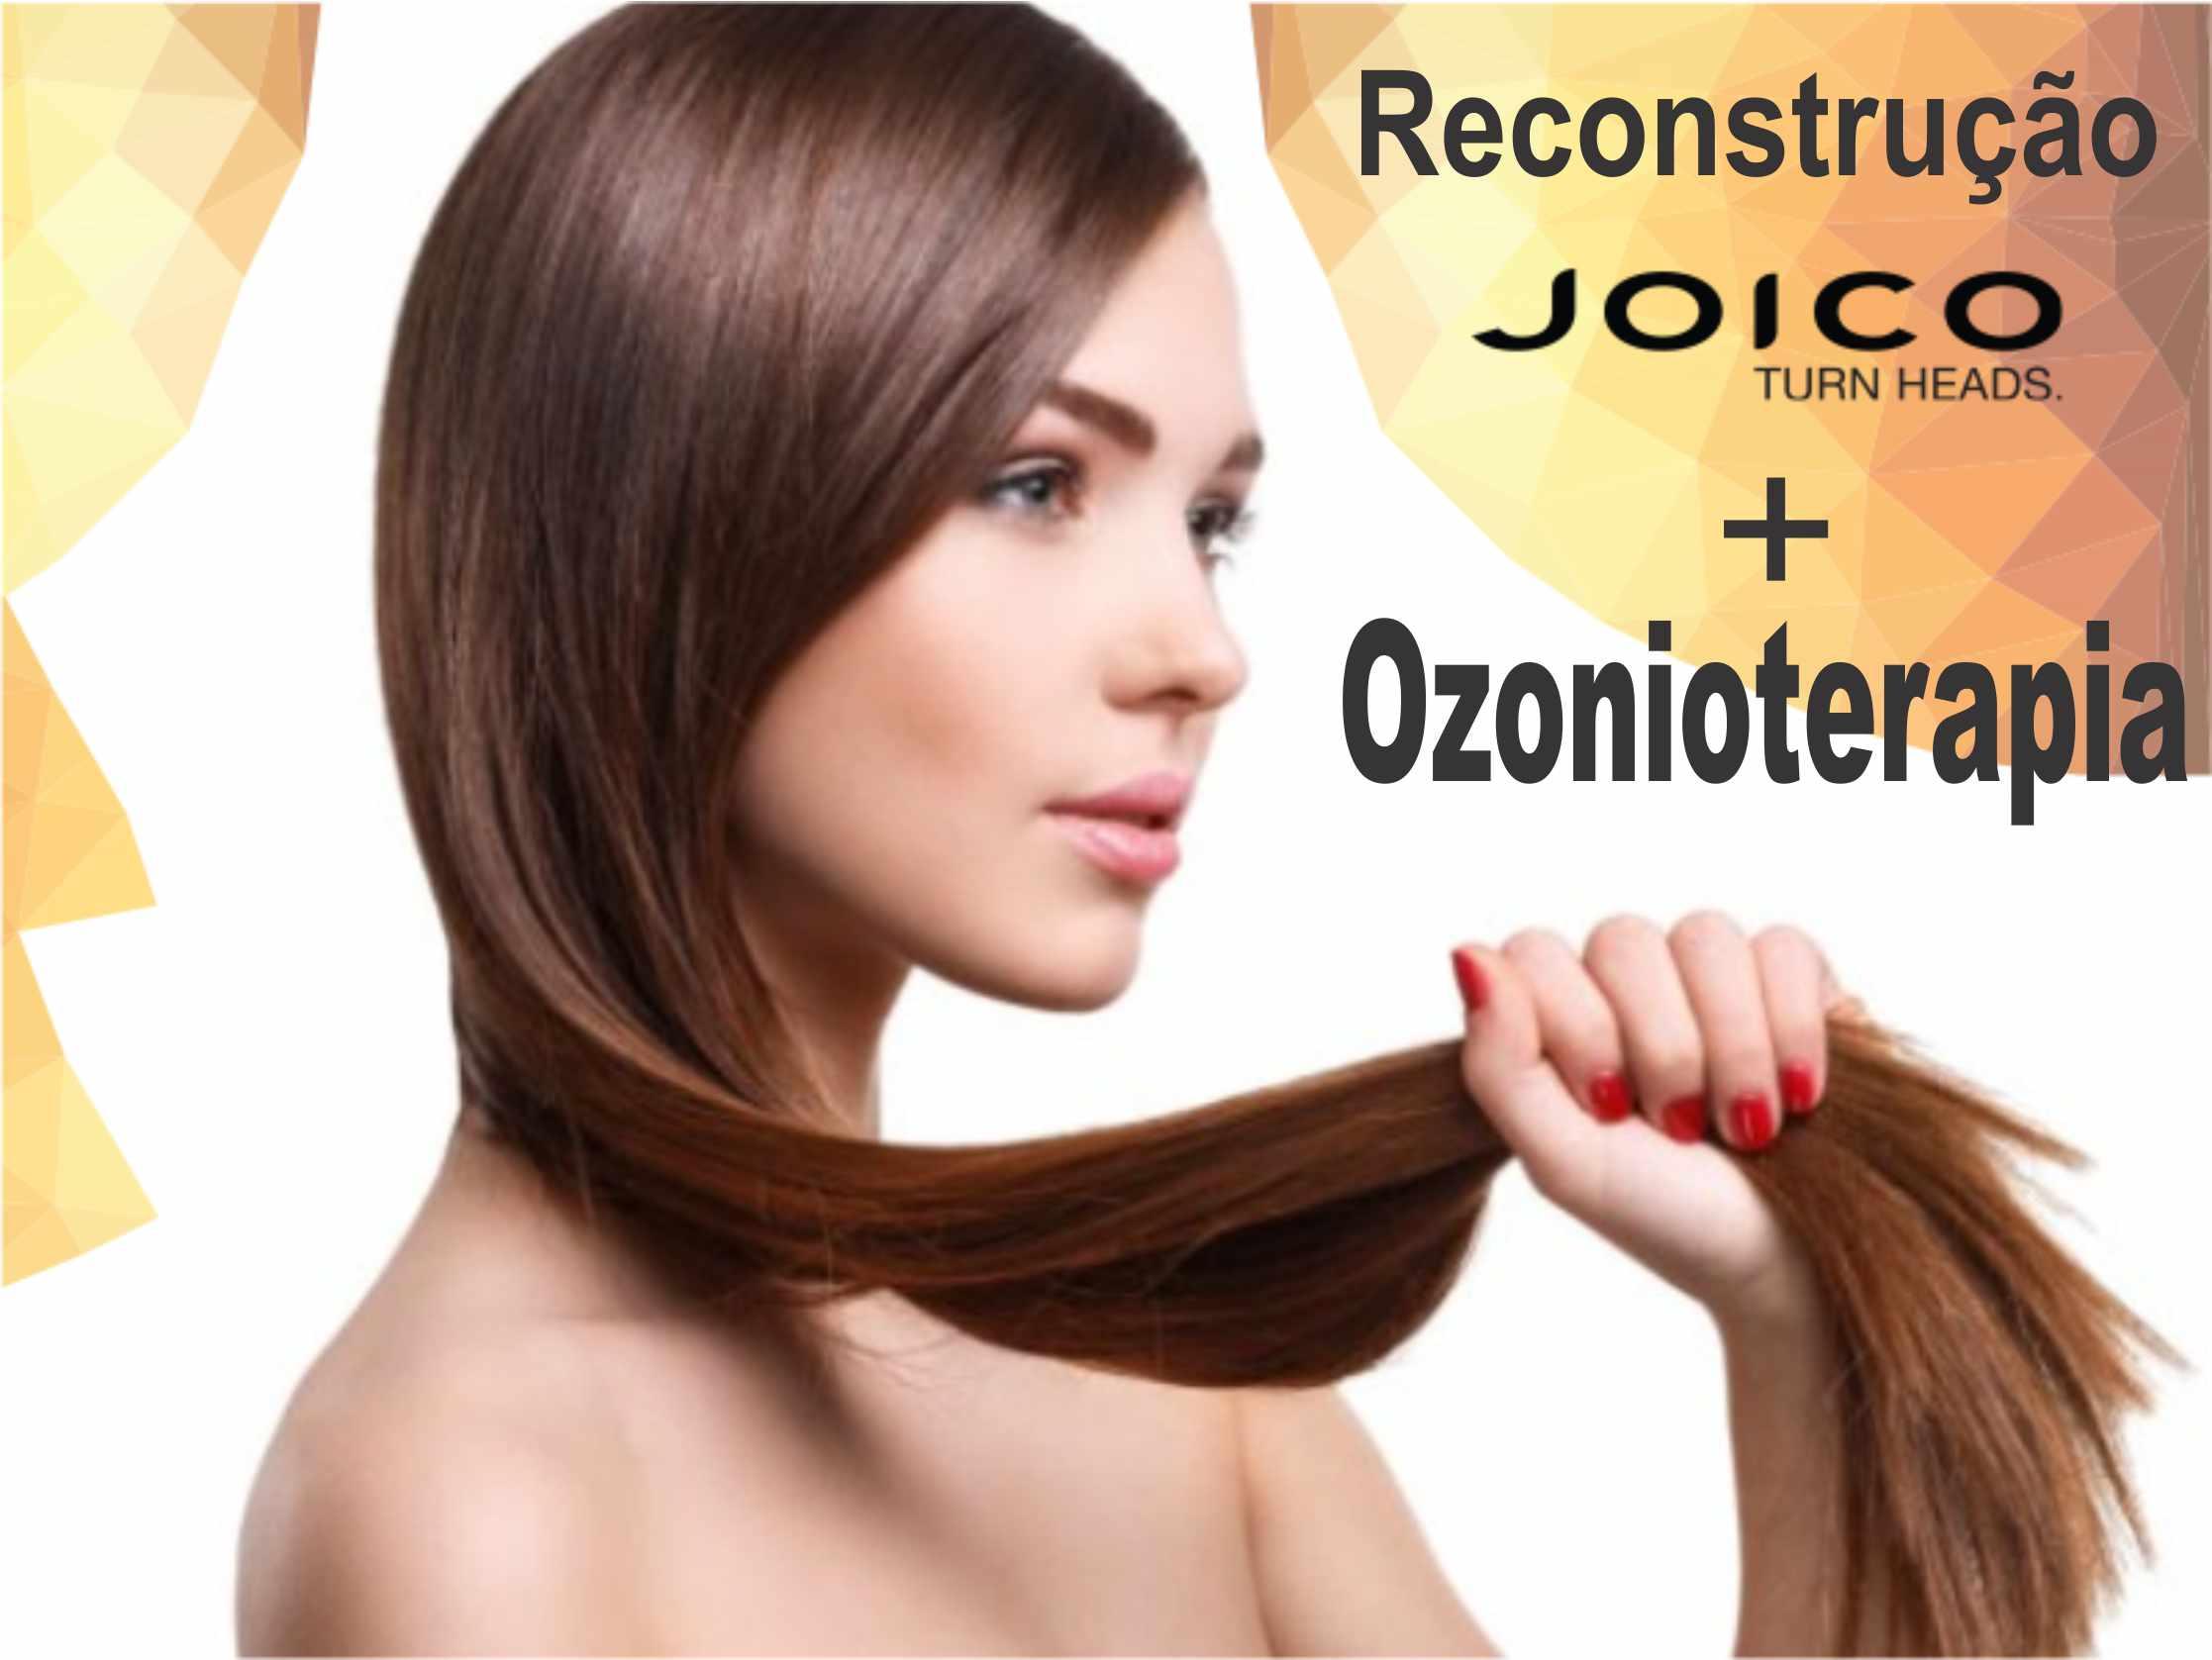 Reconstrução Capilar Joico + Vapor De Ozônio + Escova E Finalização!!!